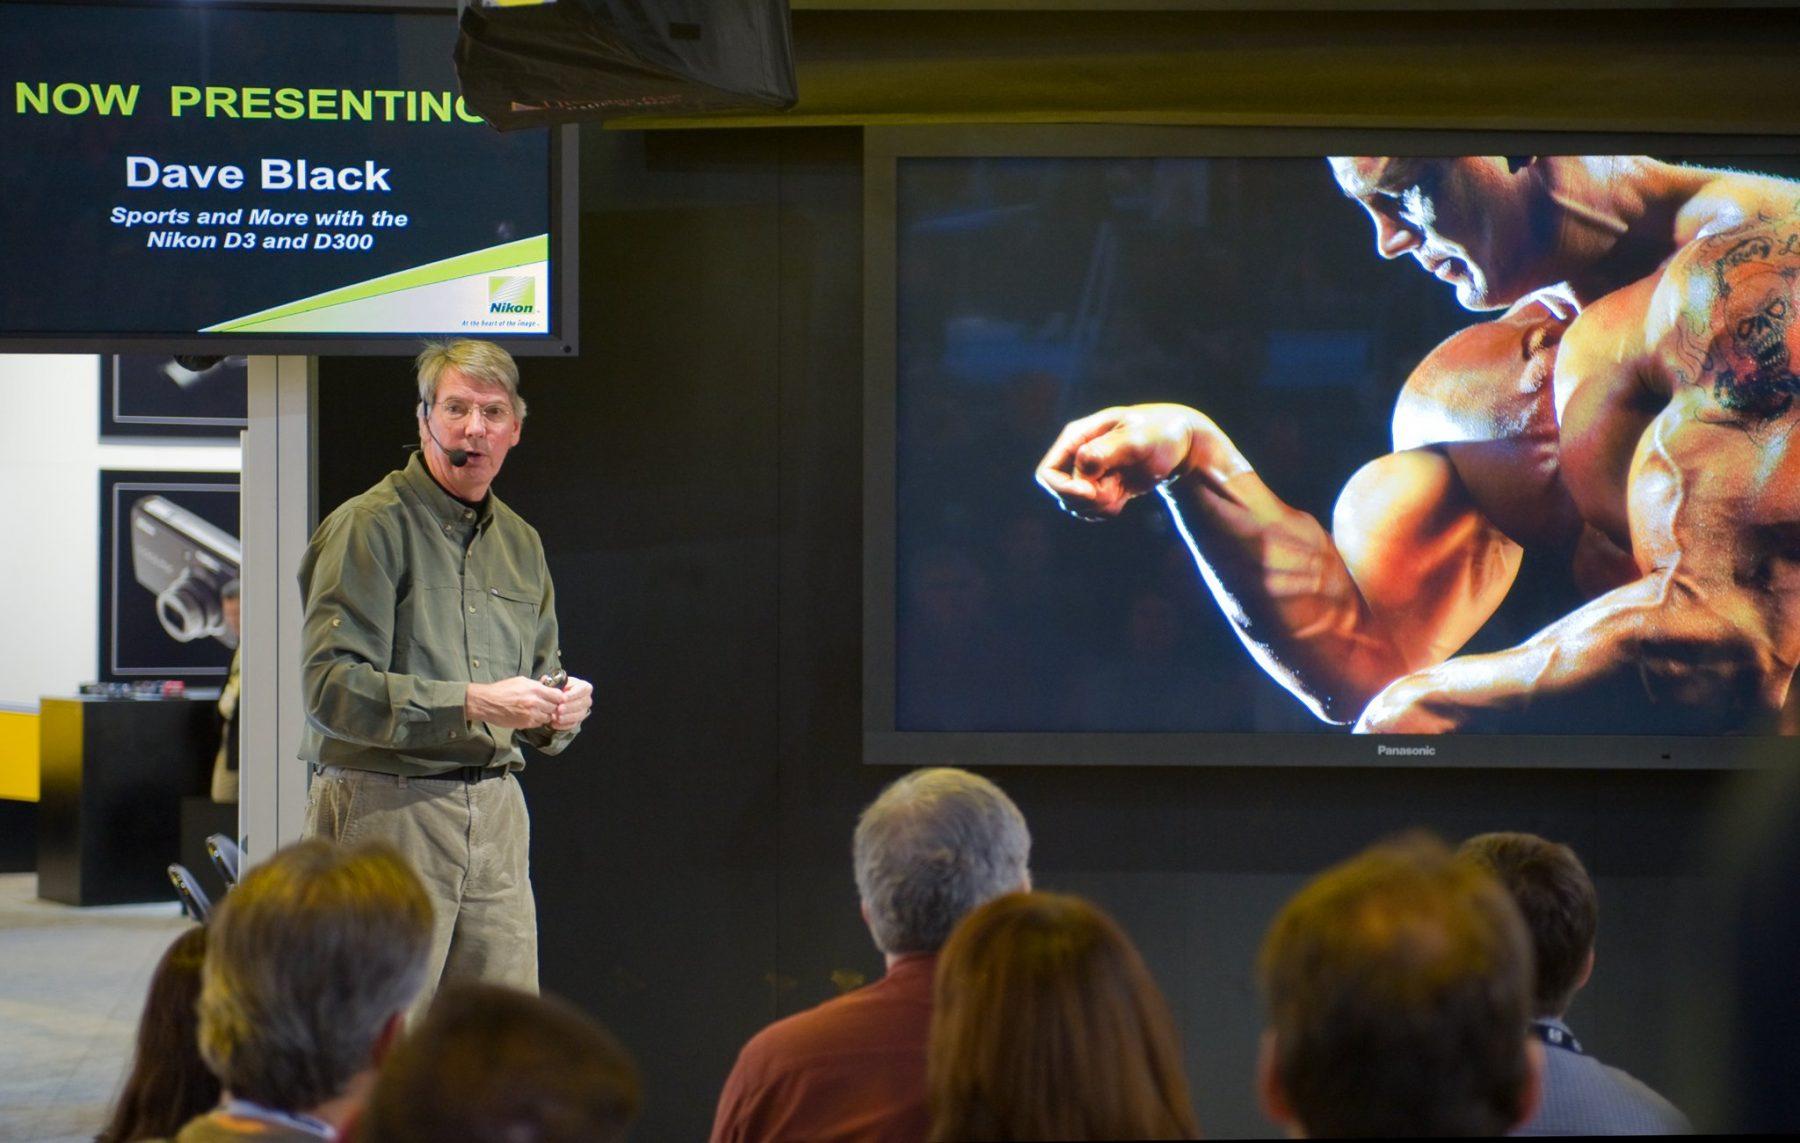 Dave Black presents for Nikon